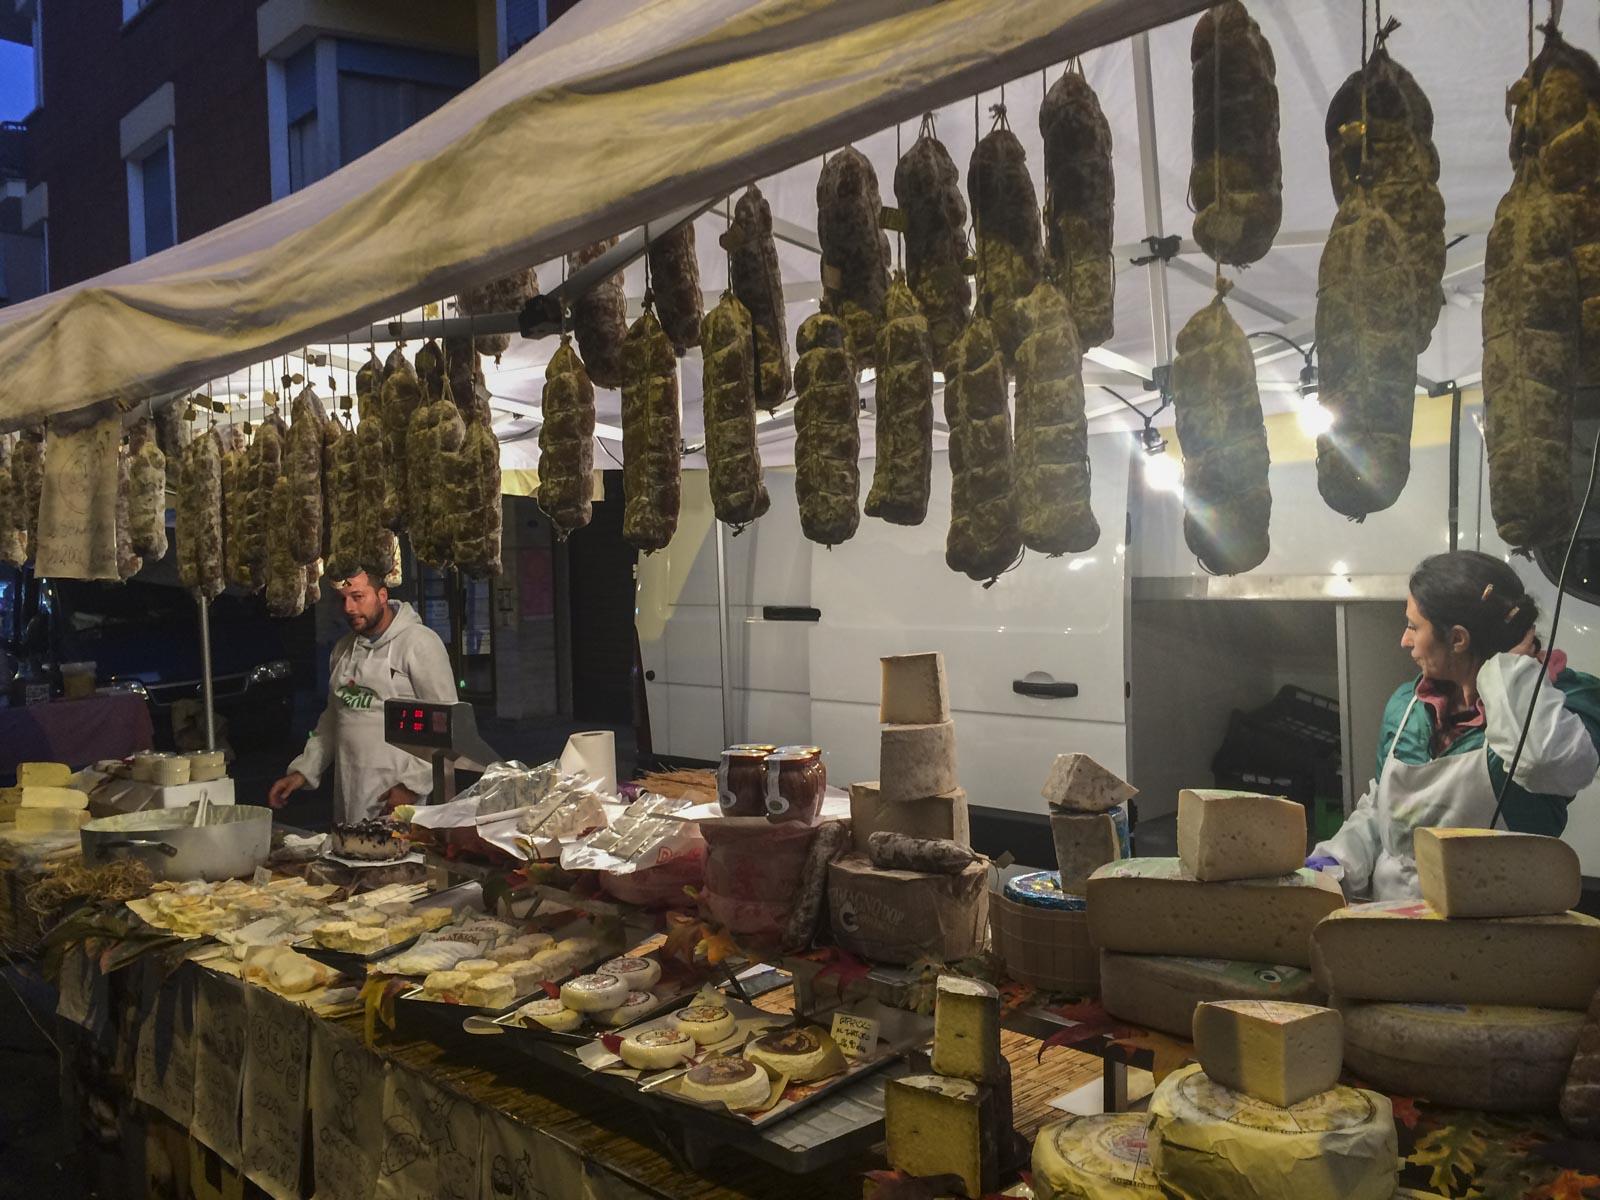 Martnasstemning i Nizza Monferrato med pølser og ost